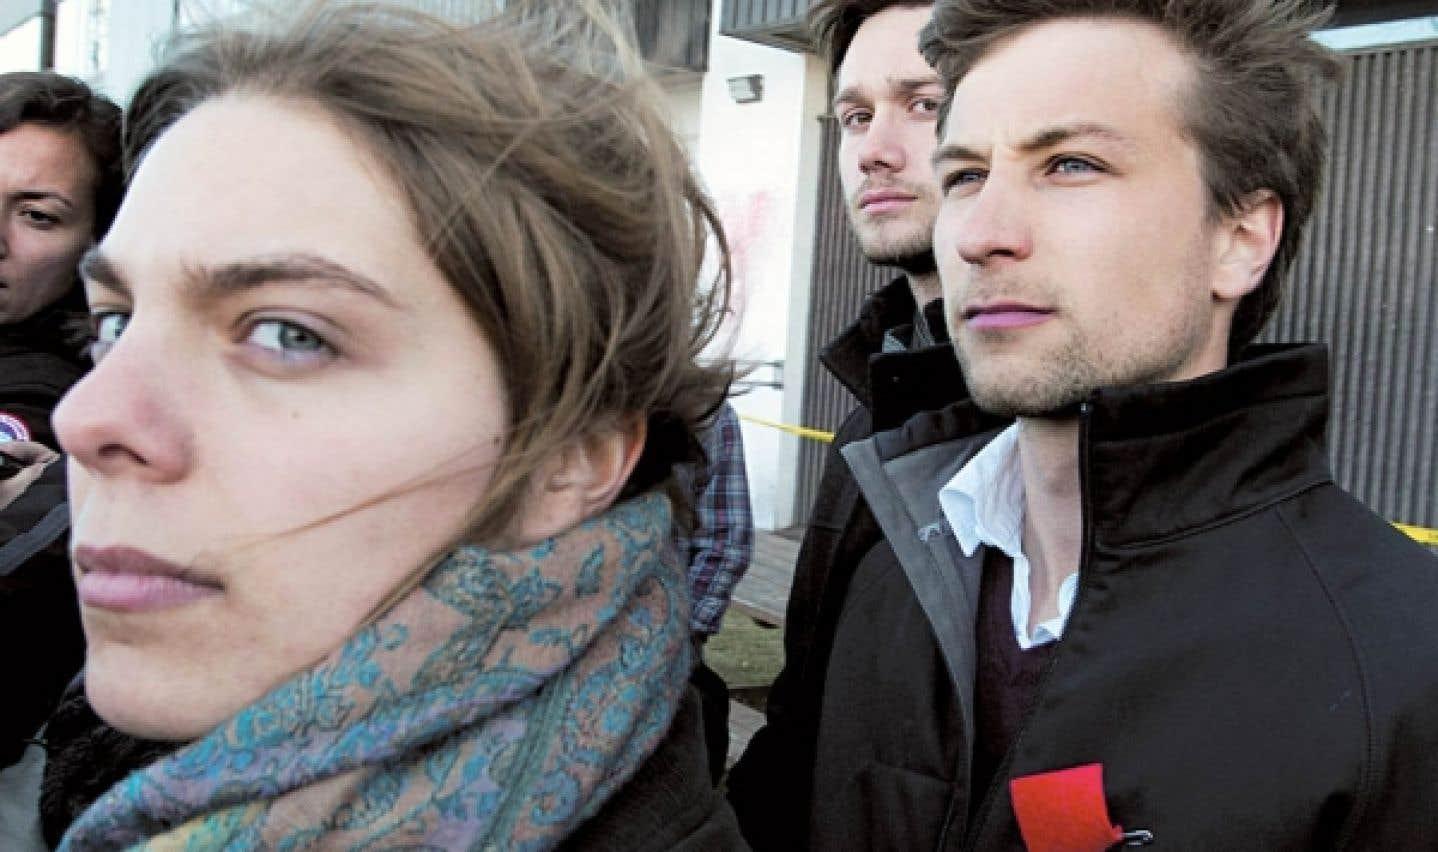 La jeunesse qui pousse le Québec à la maturité